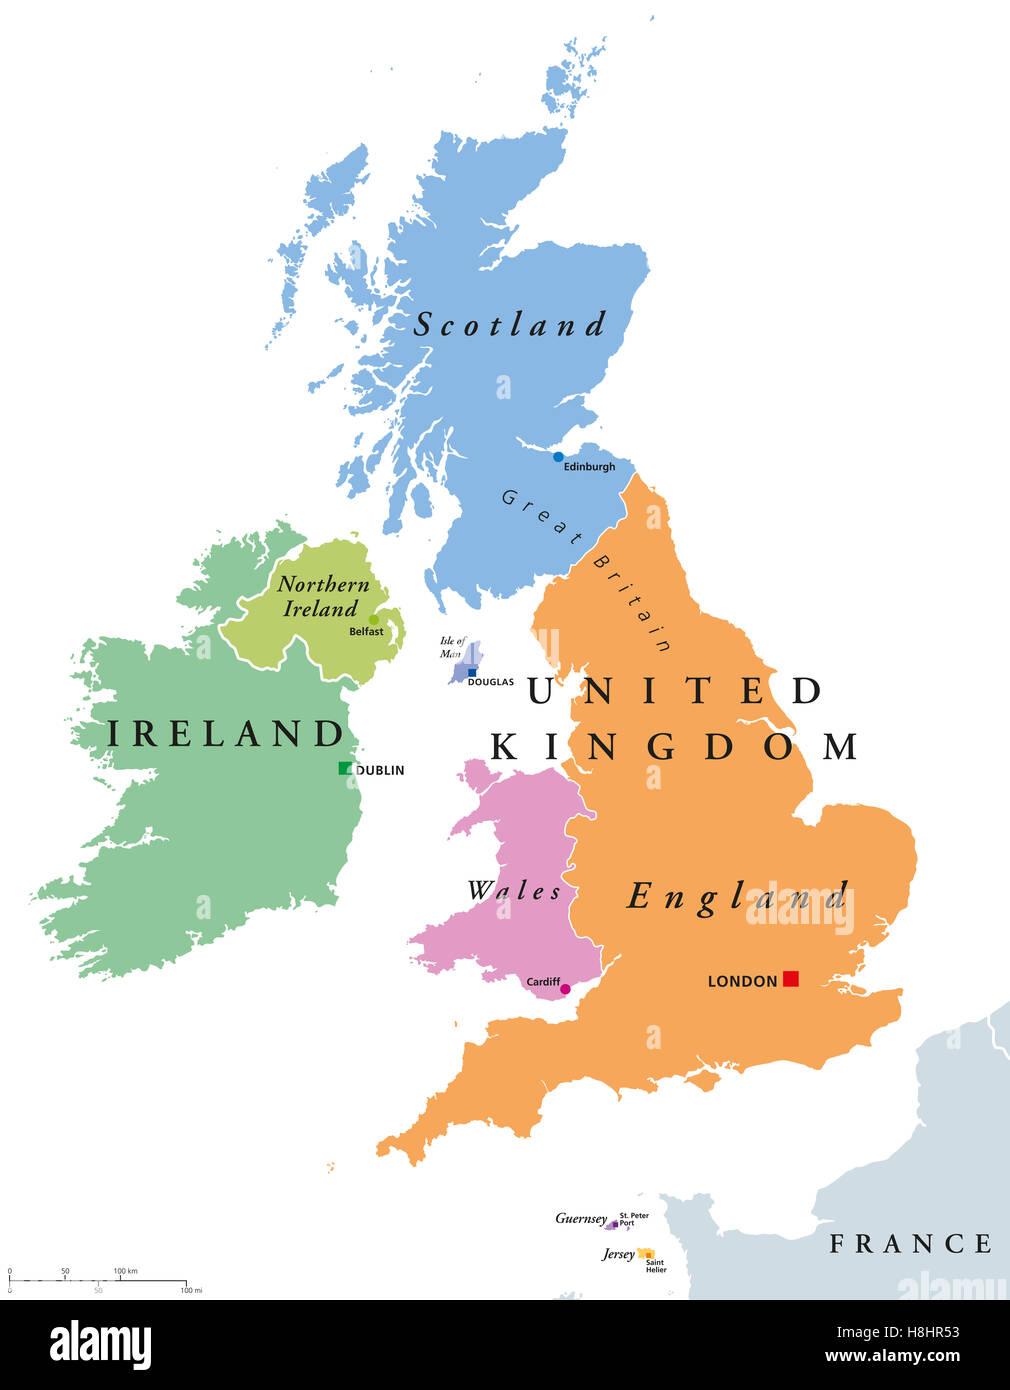 Cartina Geografica Gran Bretagna E Irlanda.Regno Unito Paesi E Irlanda Mappa Politico Inghilterra Scozia Galles E Irlanda Del Nord Foto Stock Alamy